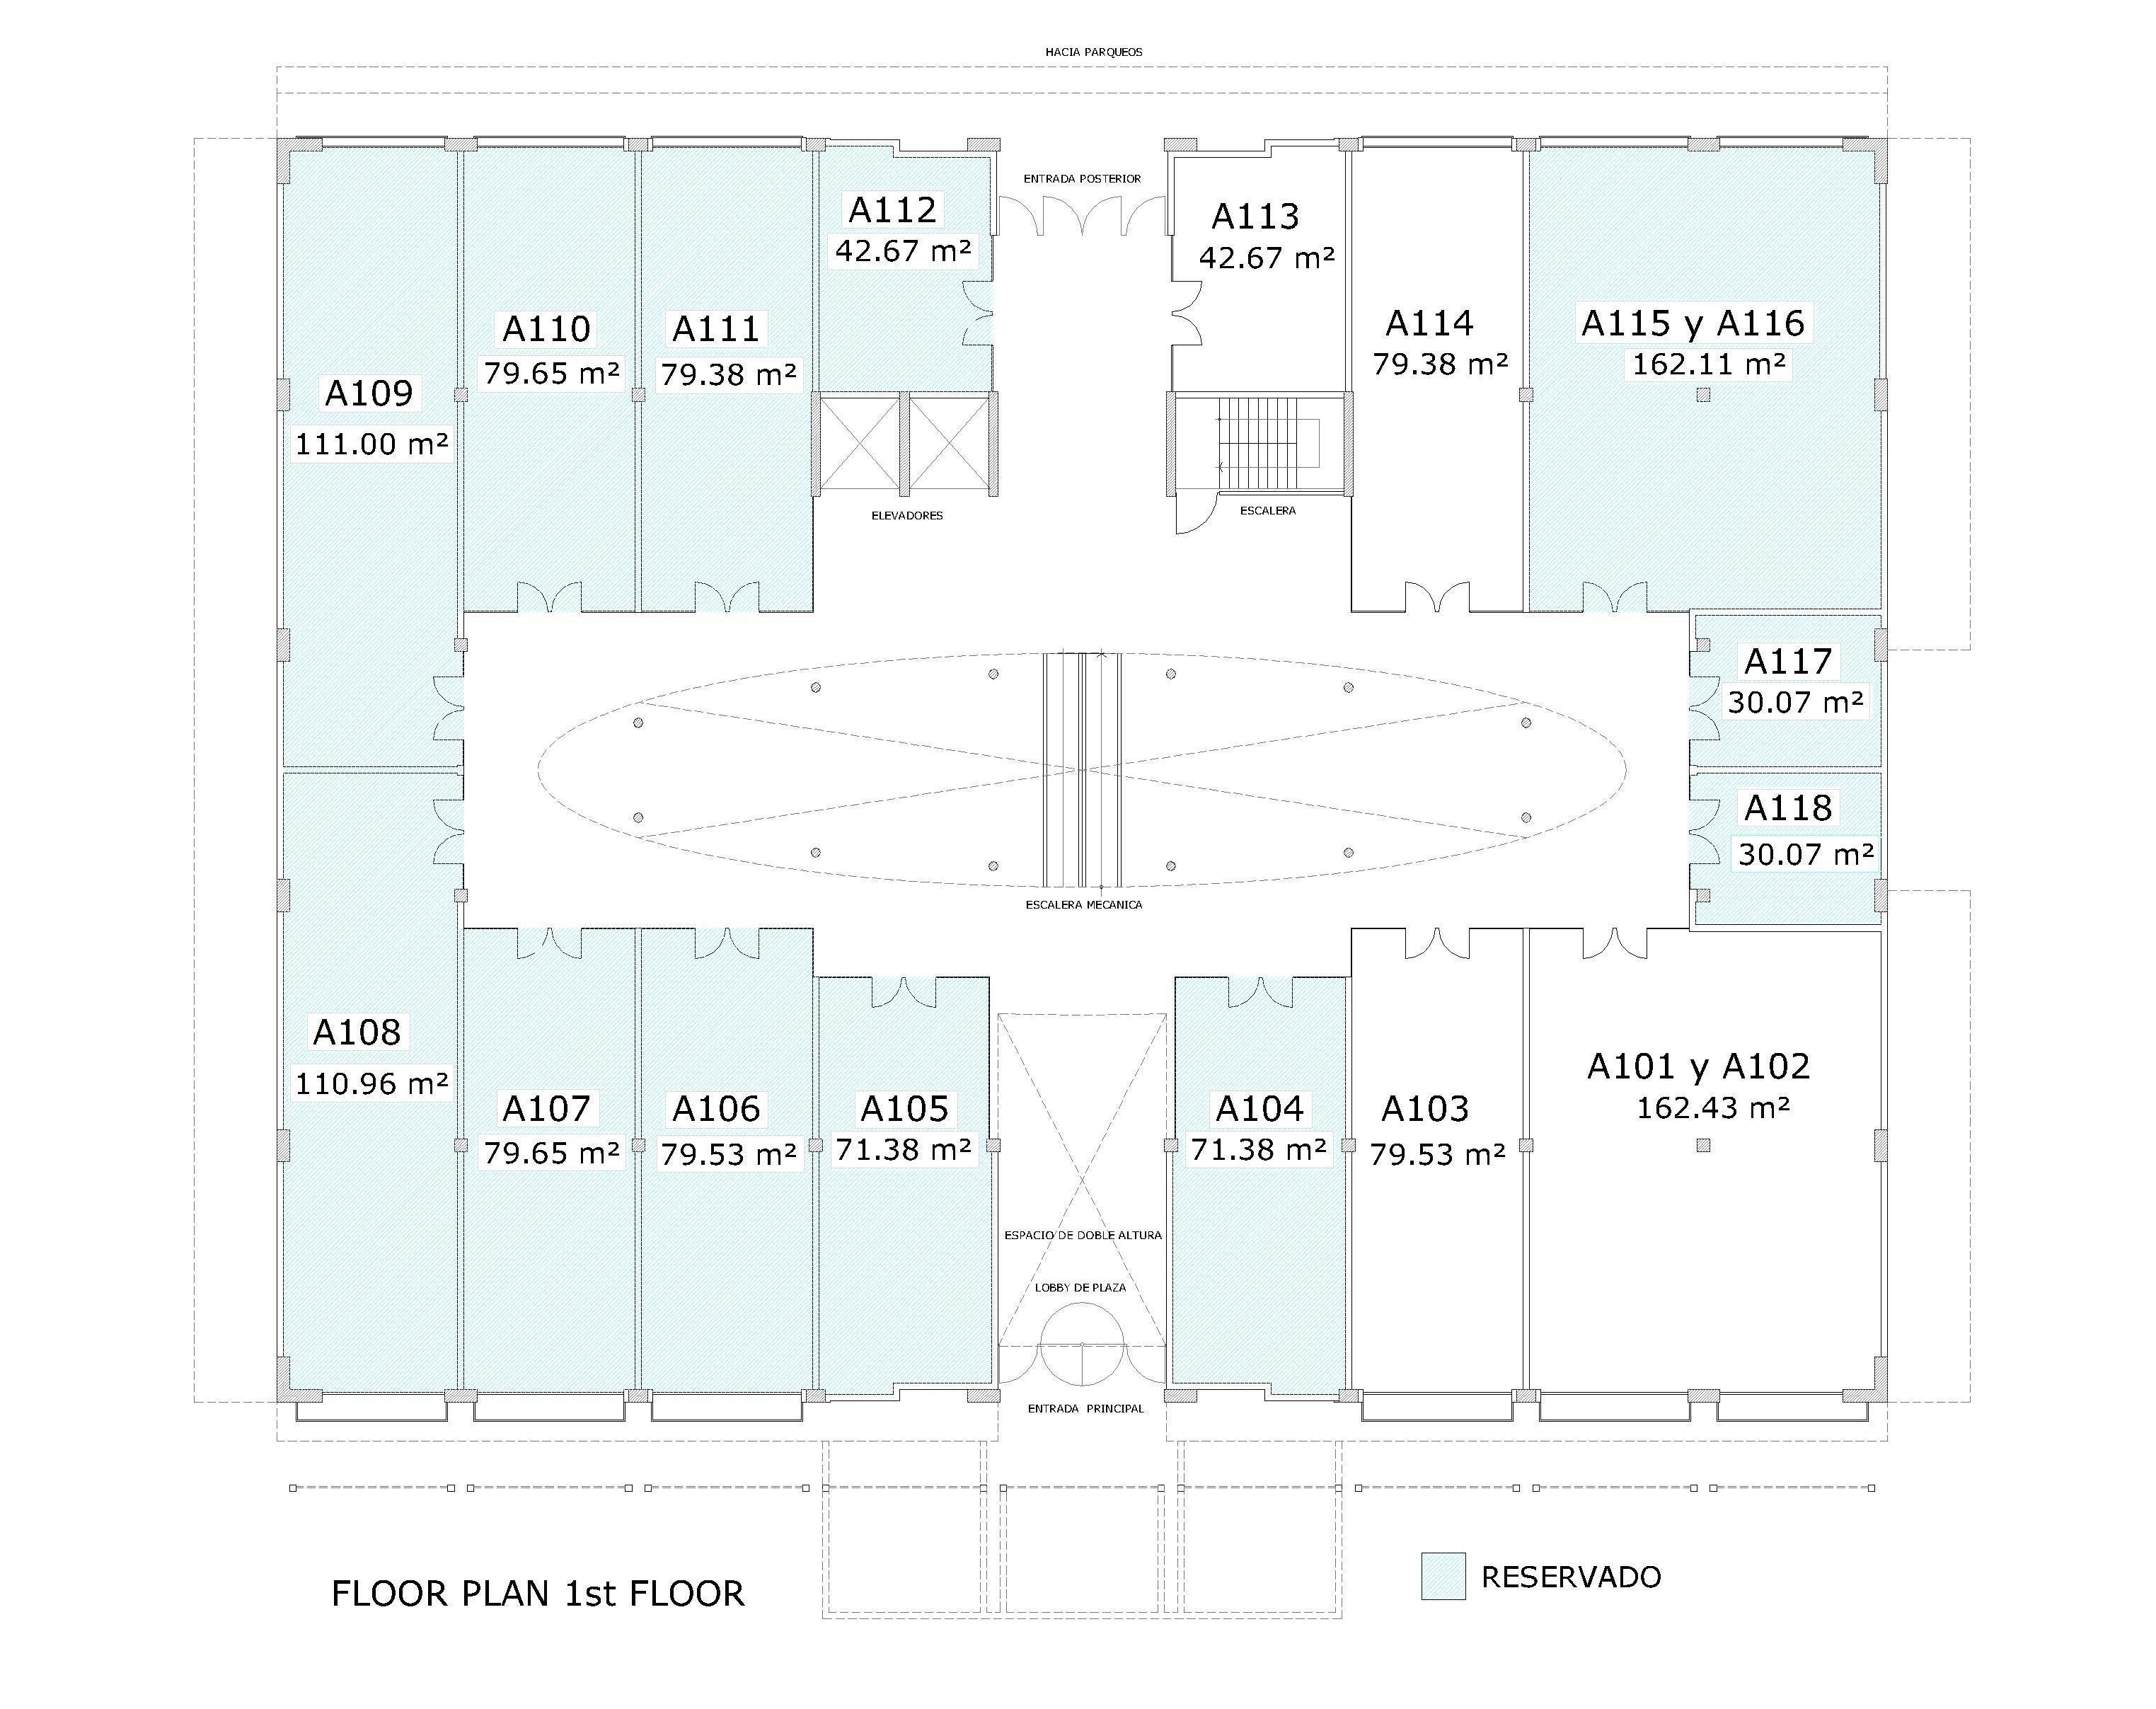 BTM Floor Plan 1st Floor